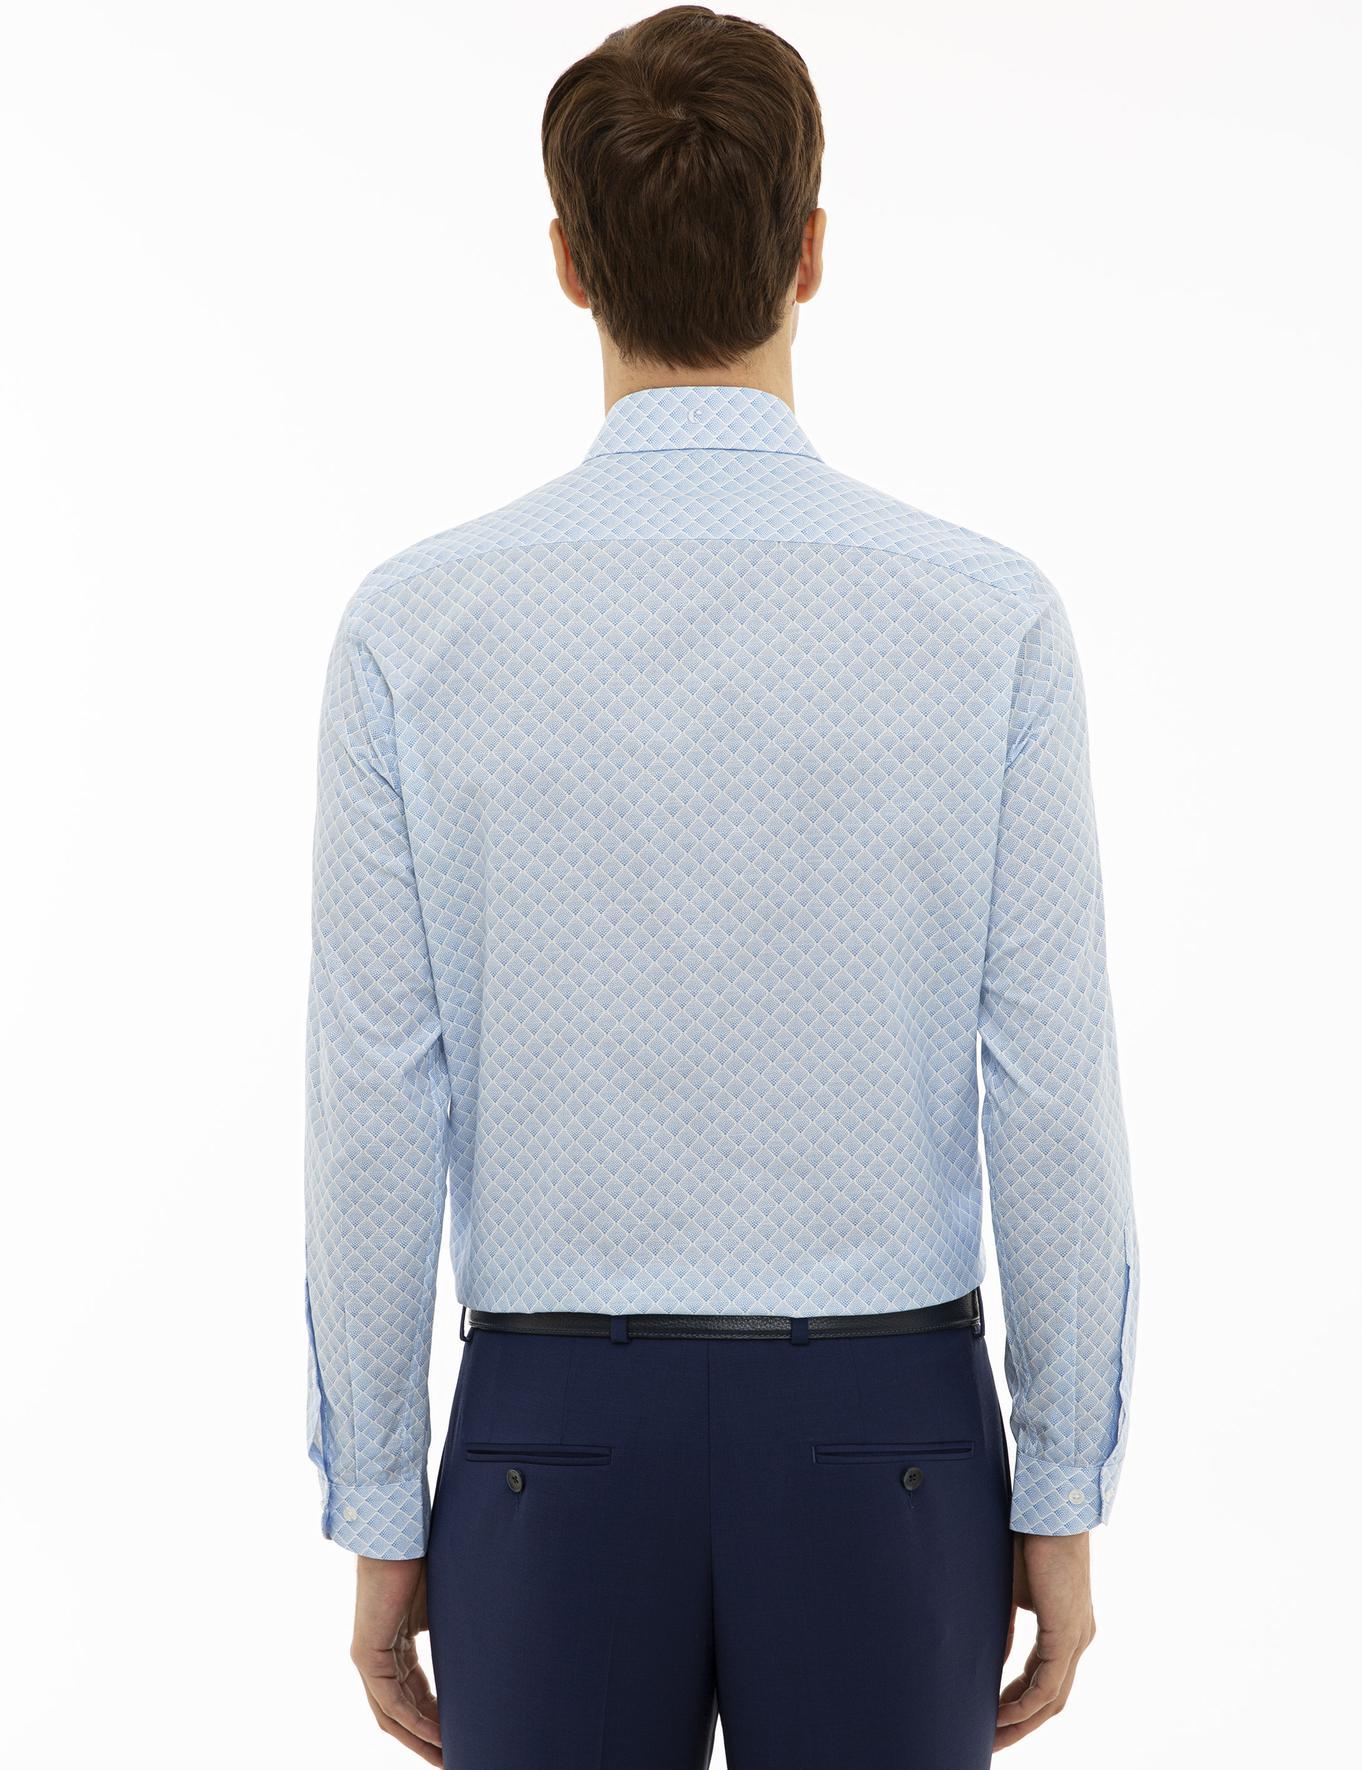 Mavi Slim Fit Gömlek - 50221305011